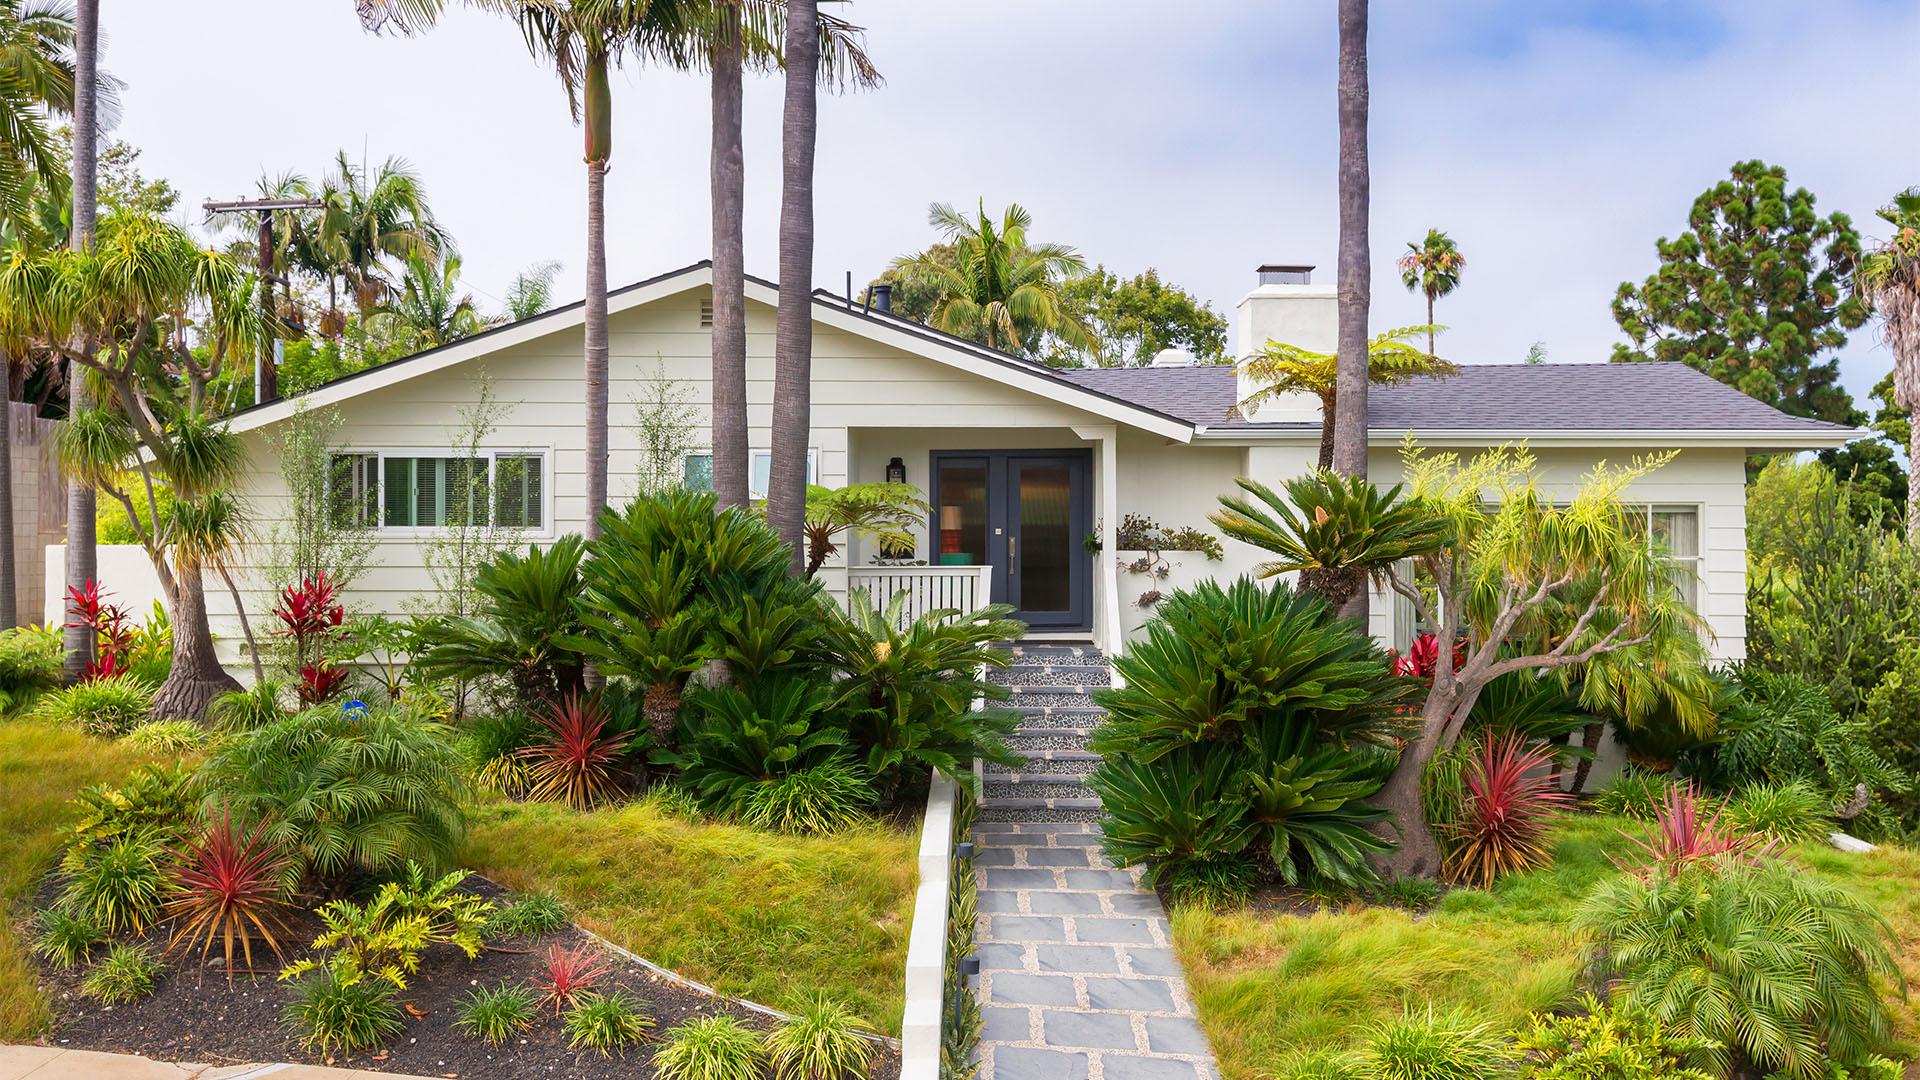 4172 Hill St. San Diego, CA 92107